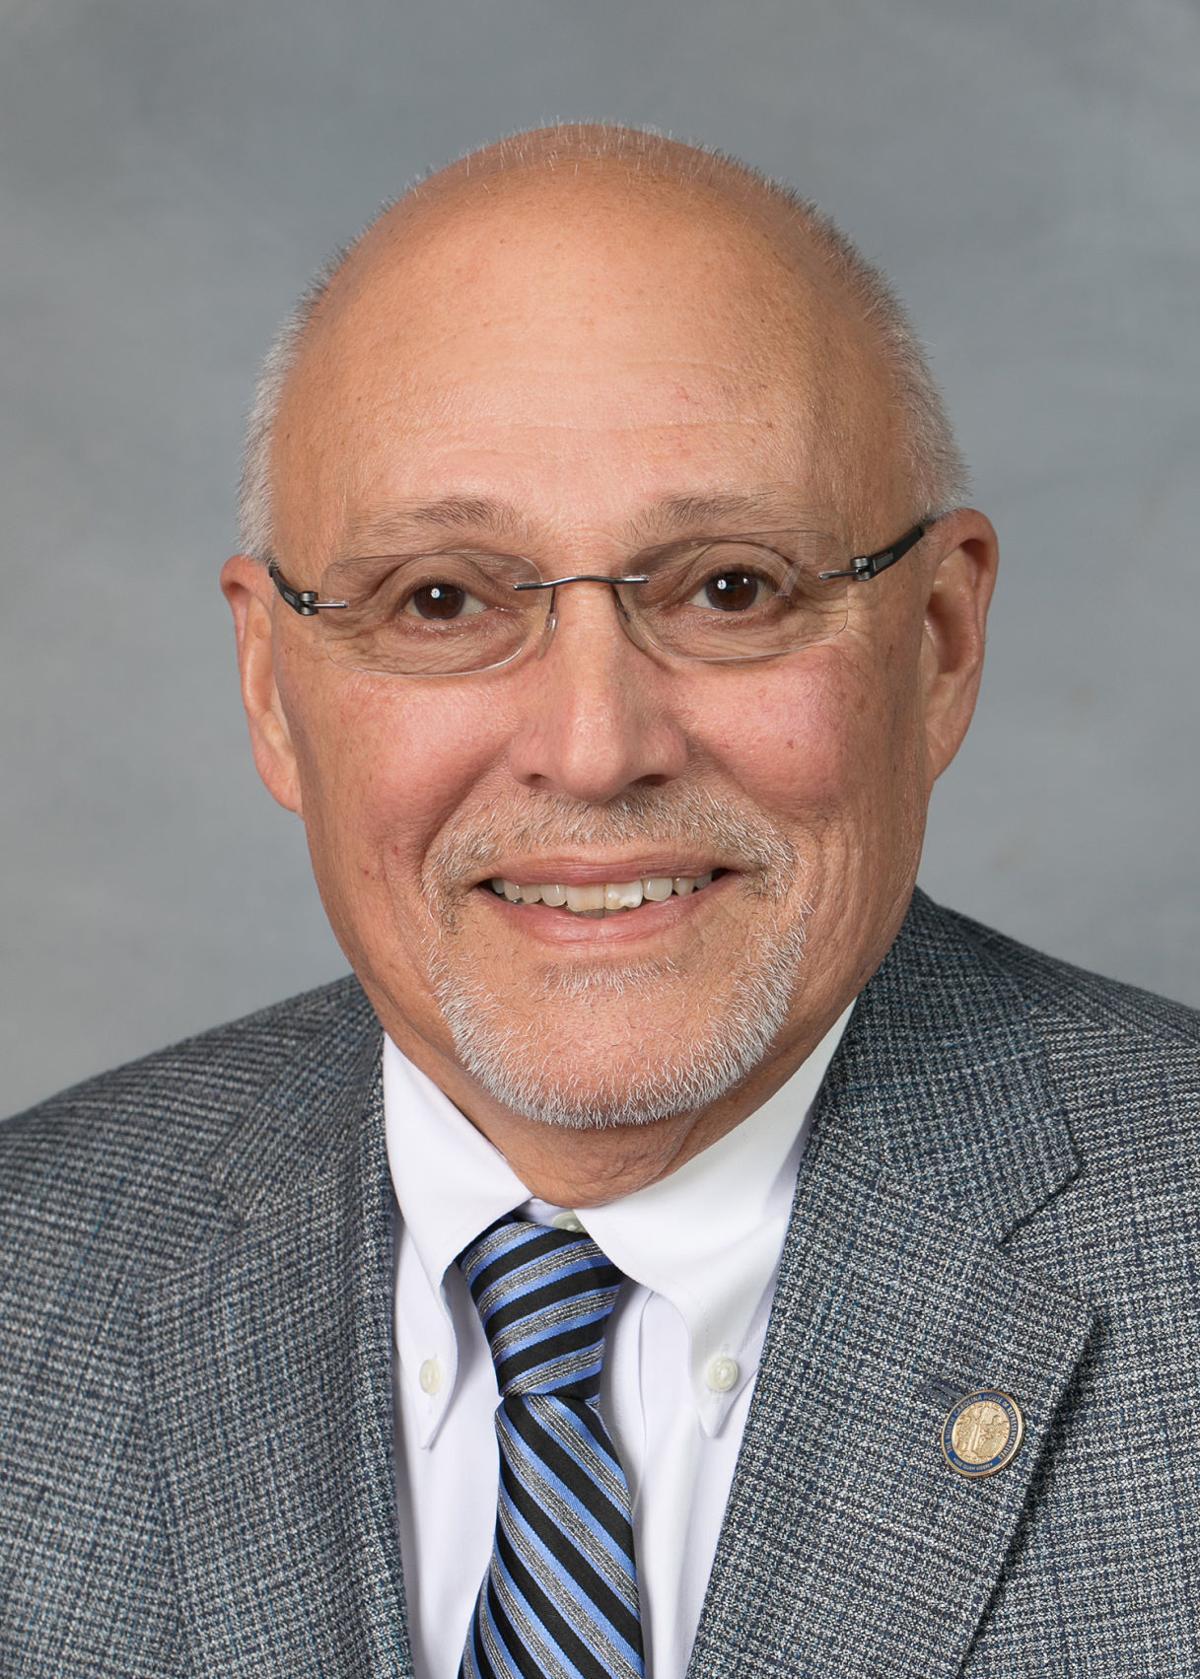 N.C. Rep. Lee Zachary